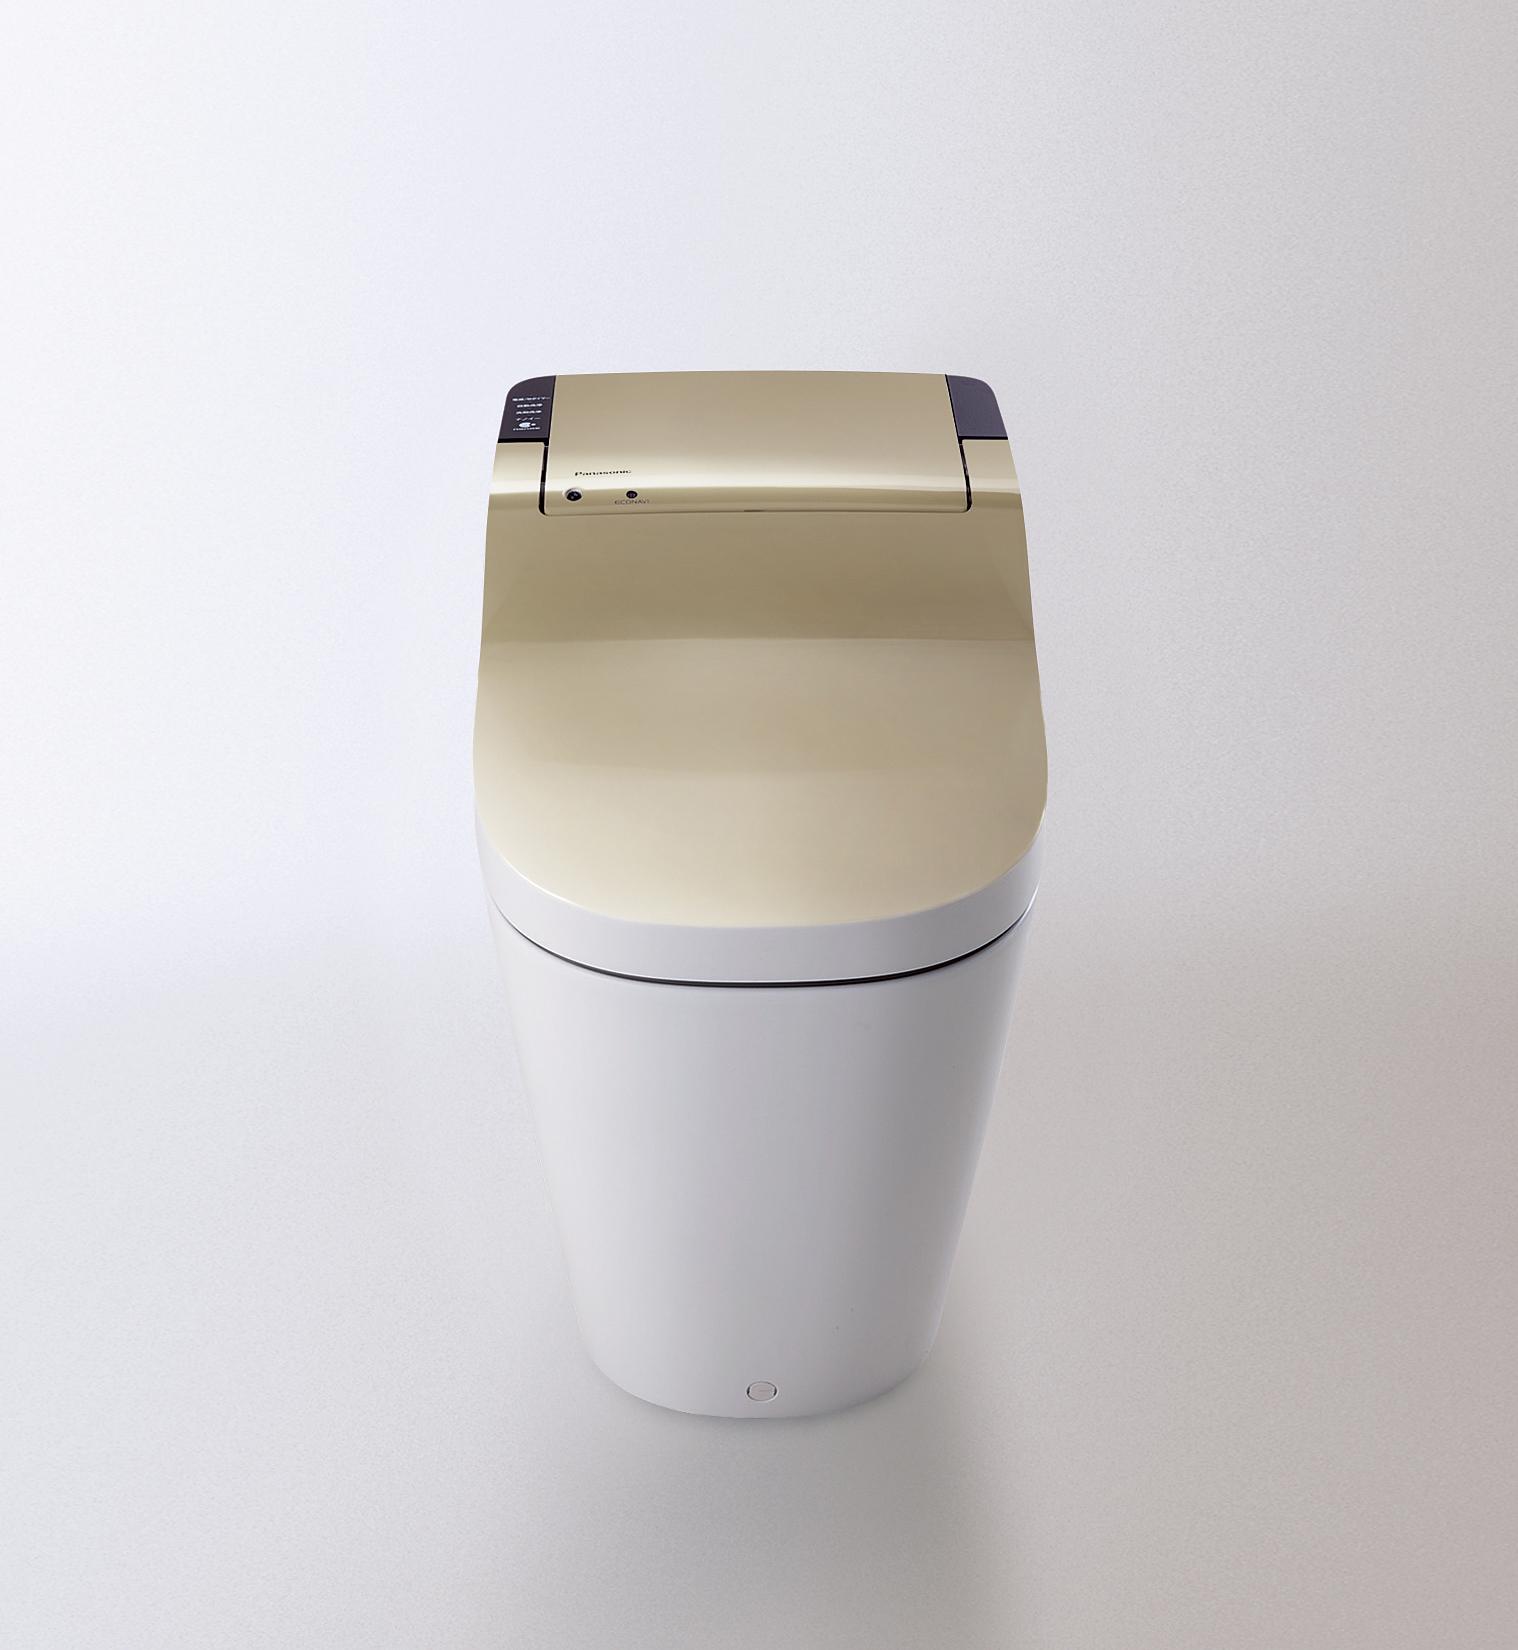 全自動おそうじトイレ「新型アラウーノ」シャンパンゴールド(累計販売台数100万台達成記念限定モデル)